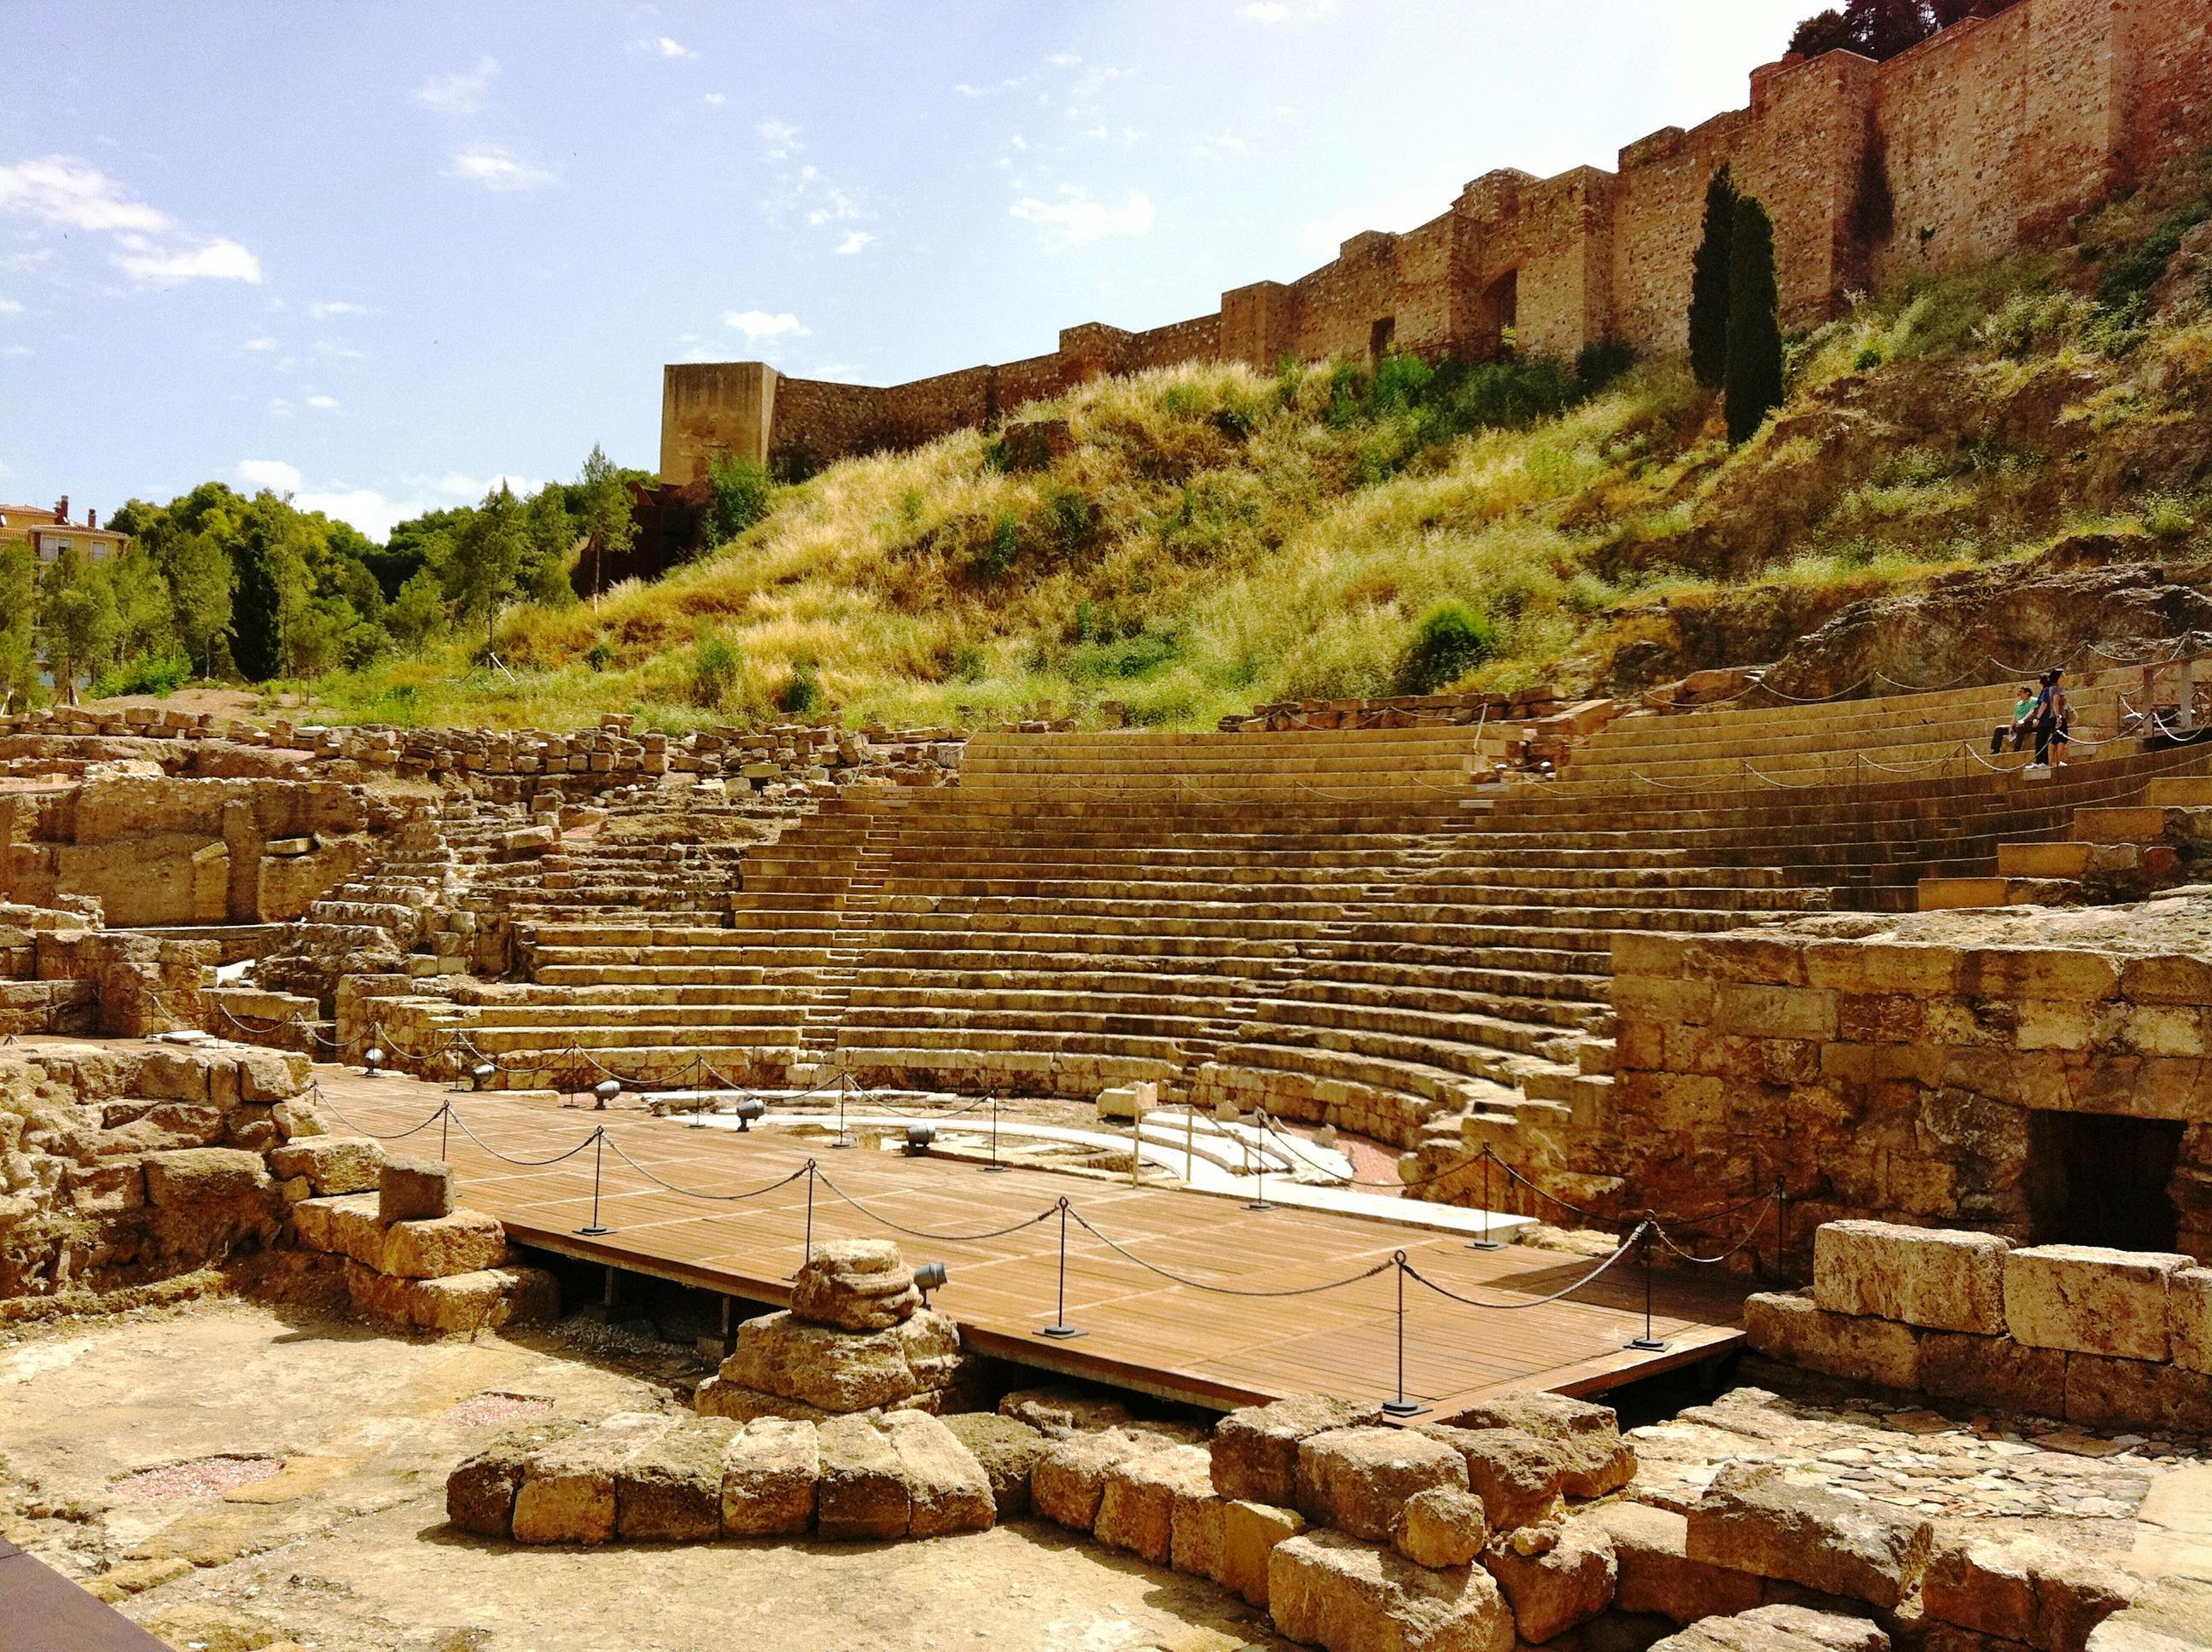 Teatro romano de Málaga - Wikipedia, la enciclopedia libre